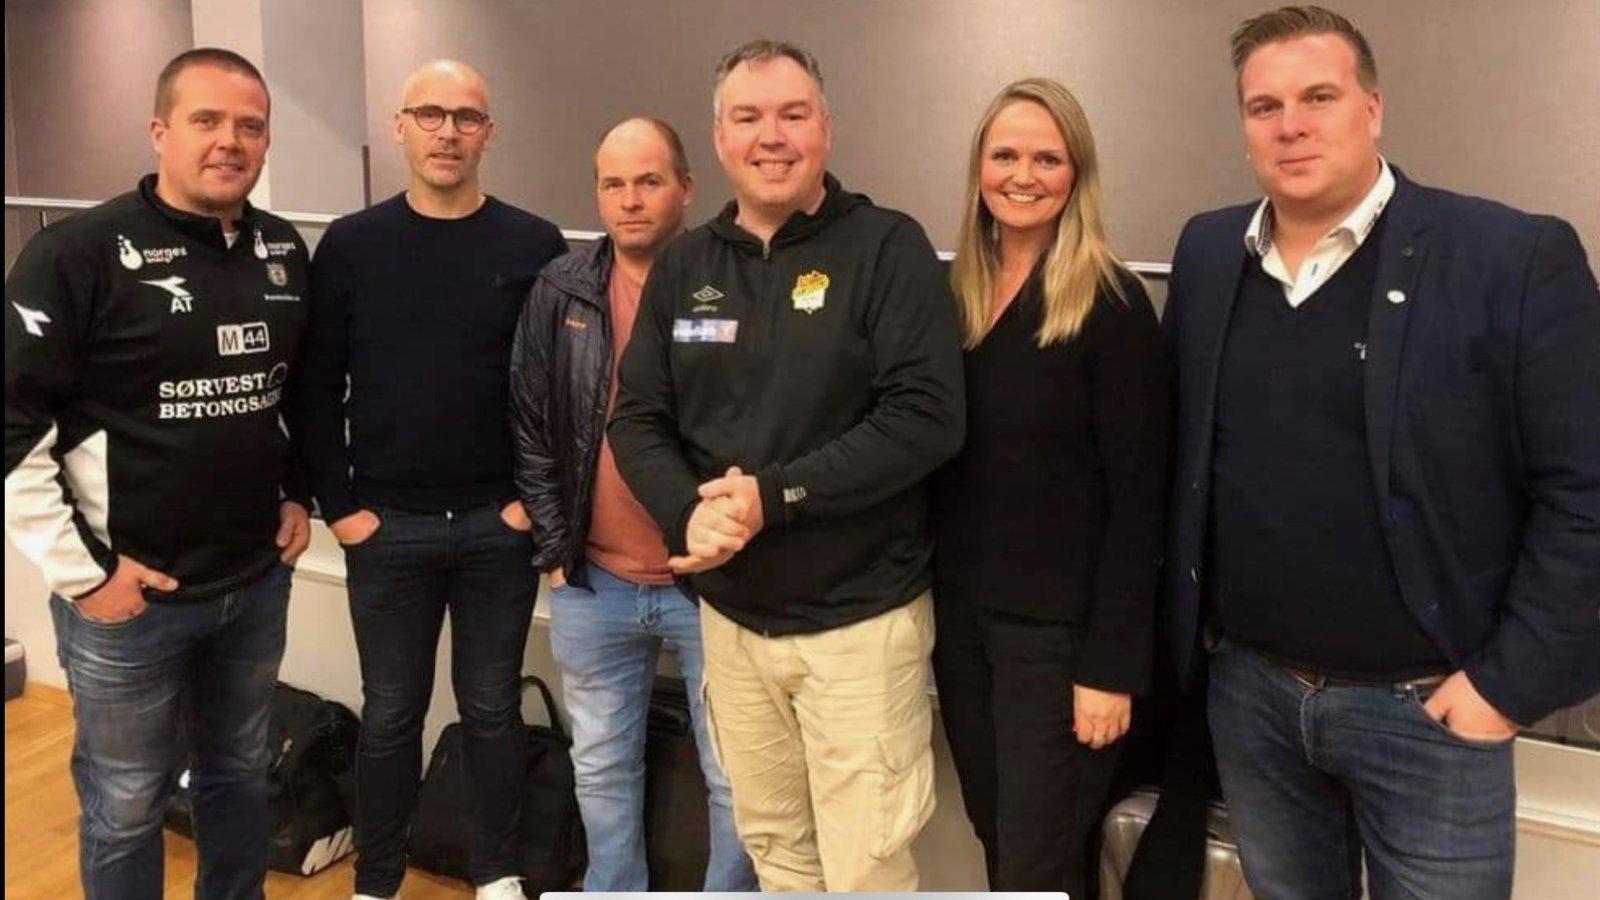 Fra venstre: Asle Tjøtta (daglig leder i Bryne), Steinar Pedersen,  Trond-Arild Olsen (adm.konsulent i Egersunds IK), Knut Erlend Jegersen (daglig leder, Stjørdals-Blink), Helene Arnø (styreleder i Stjørdals-Blink) og  Andreas Holmberg (sportssjef i Levanger).